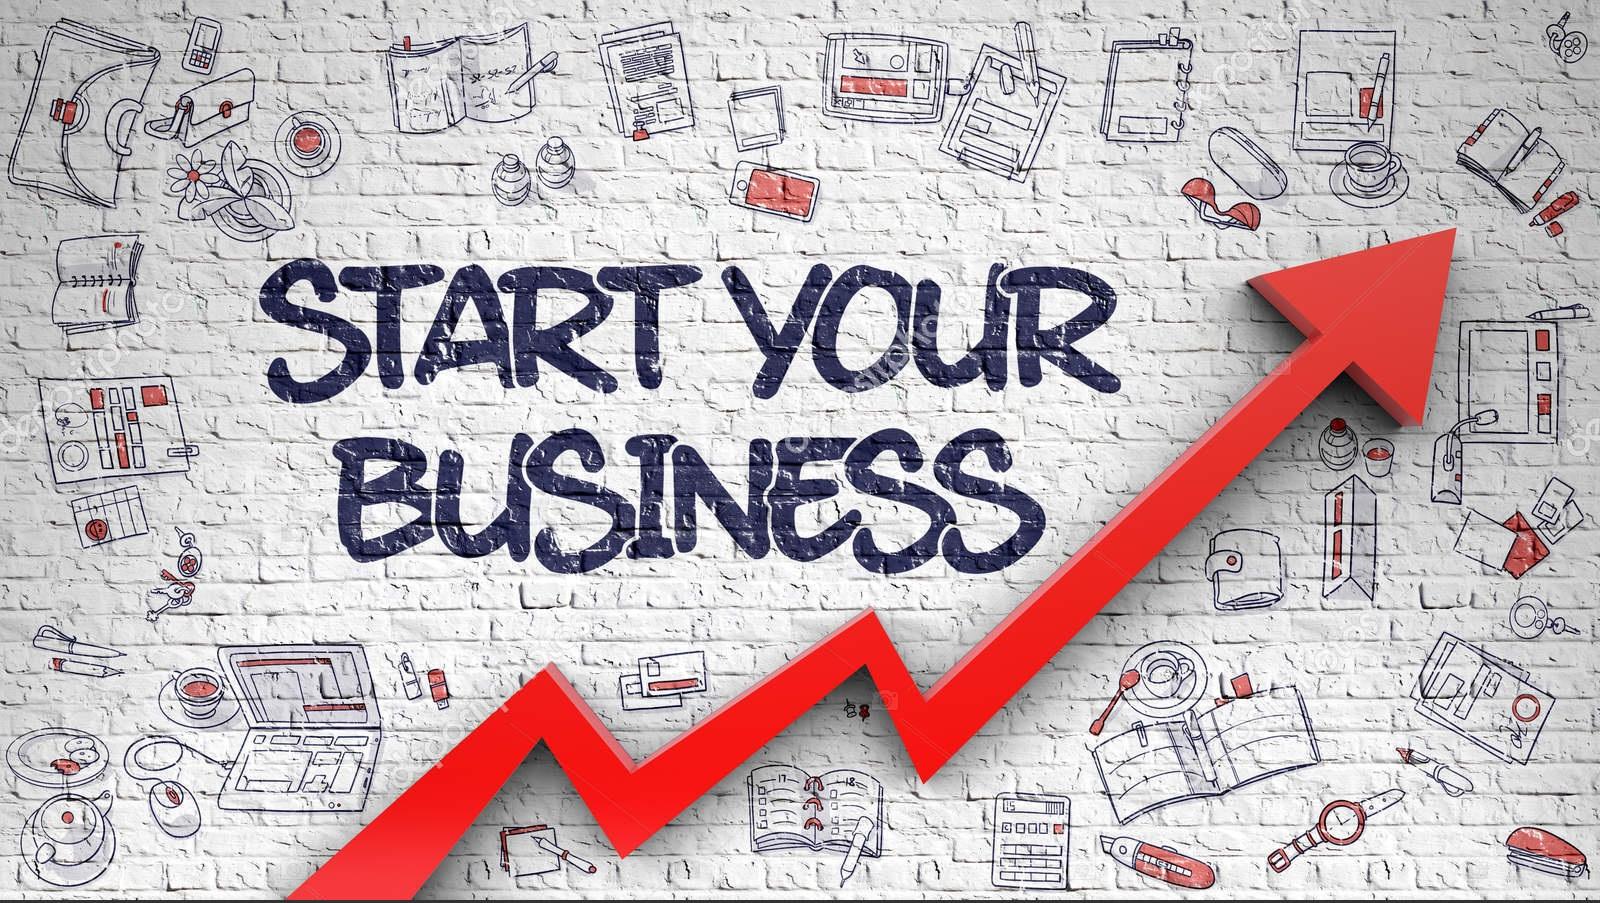 یک کسب و کار موفق را شروع کنیم